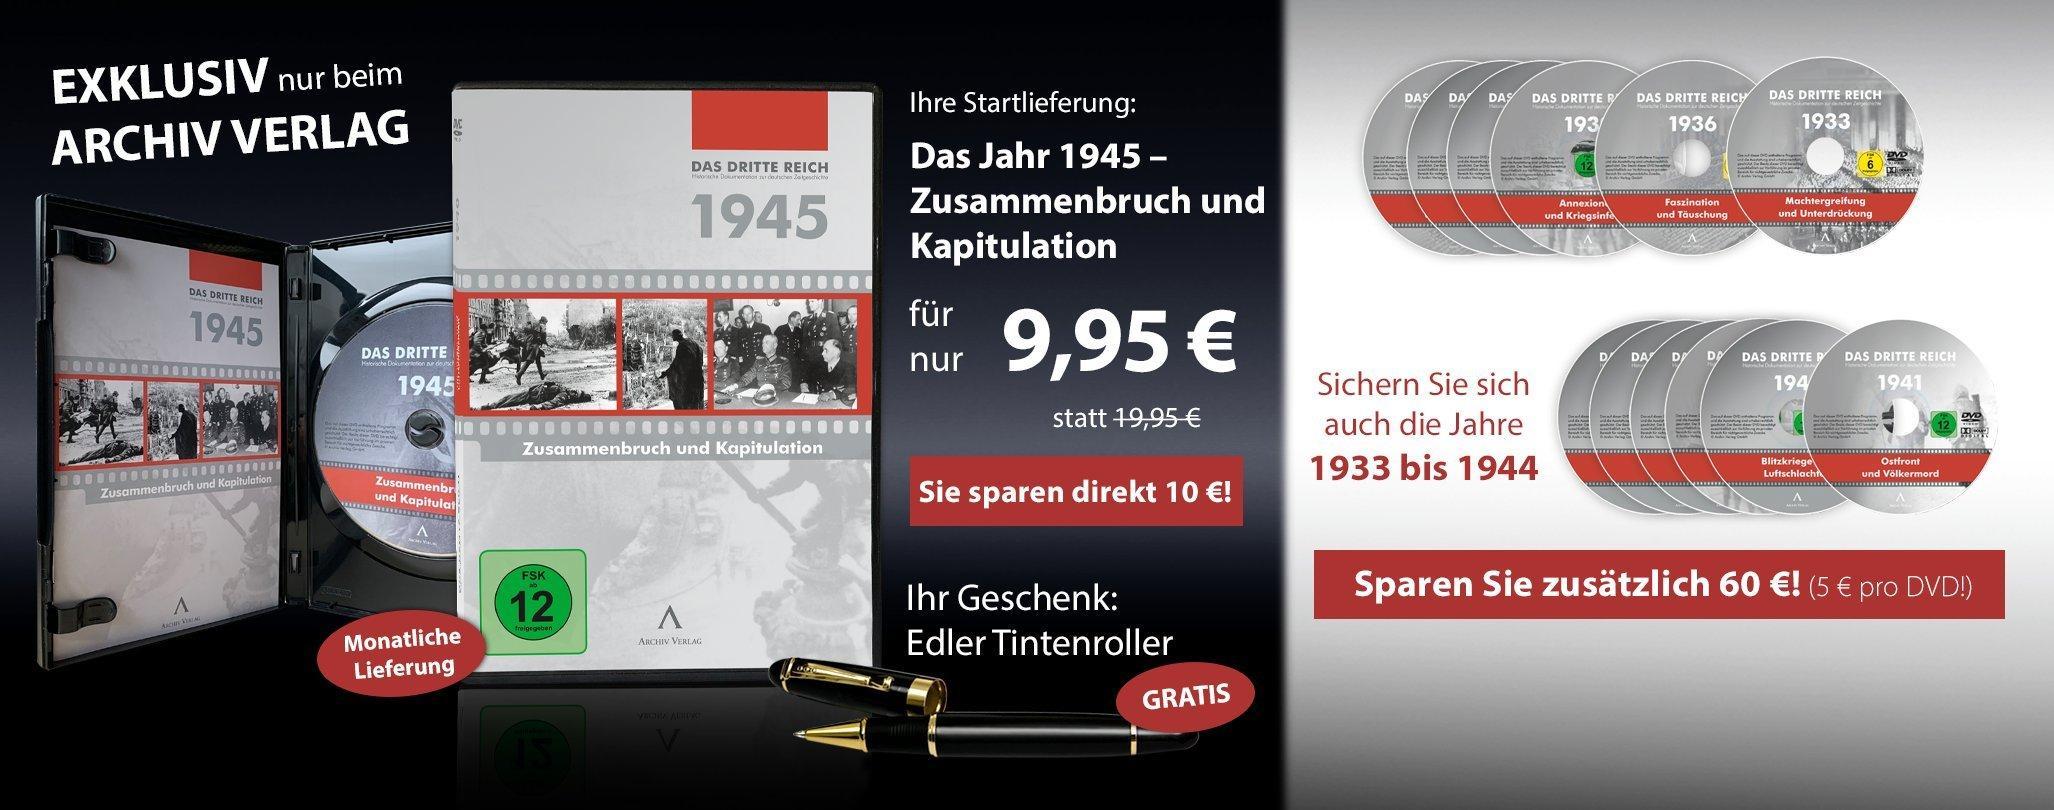 MDM - Das Dritte Reich 1945 - Zusammenbruch und Kapitulation